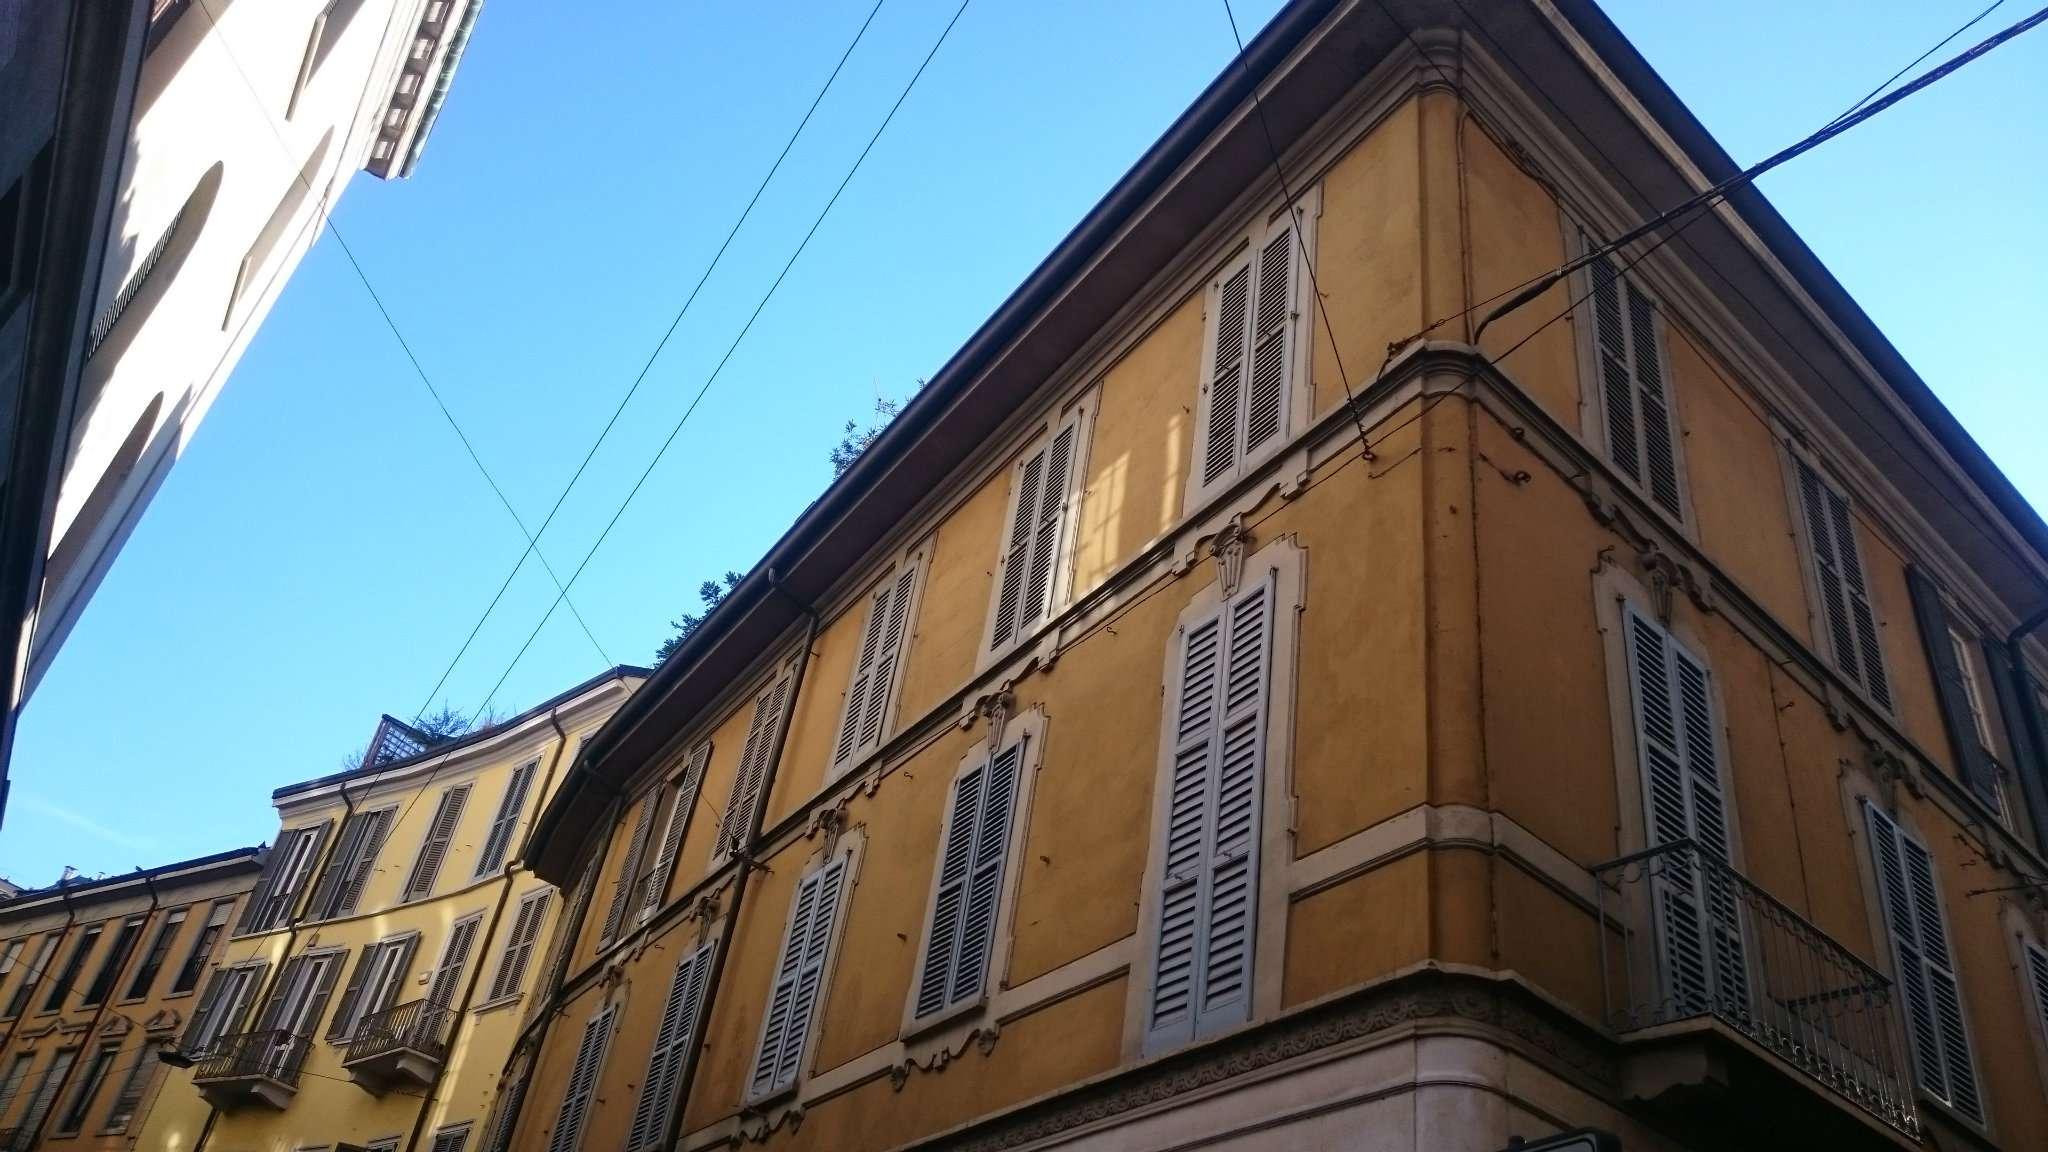 Ufficio / Studio in vendita a Milano, 21 locali, zona Zona: 1 . Centro Storico, Duomo, Brera, Cadorna, Cattolica, Trattative riservate | CambioCasa.it